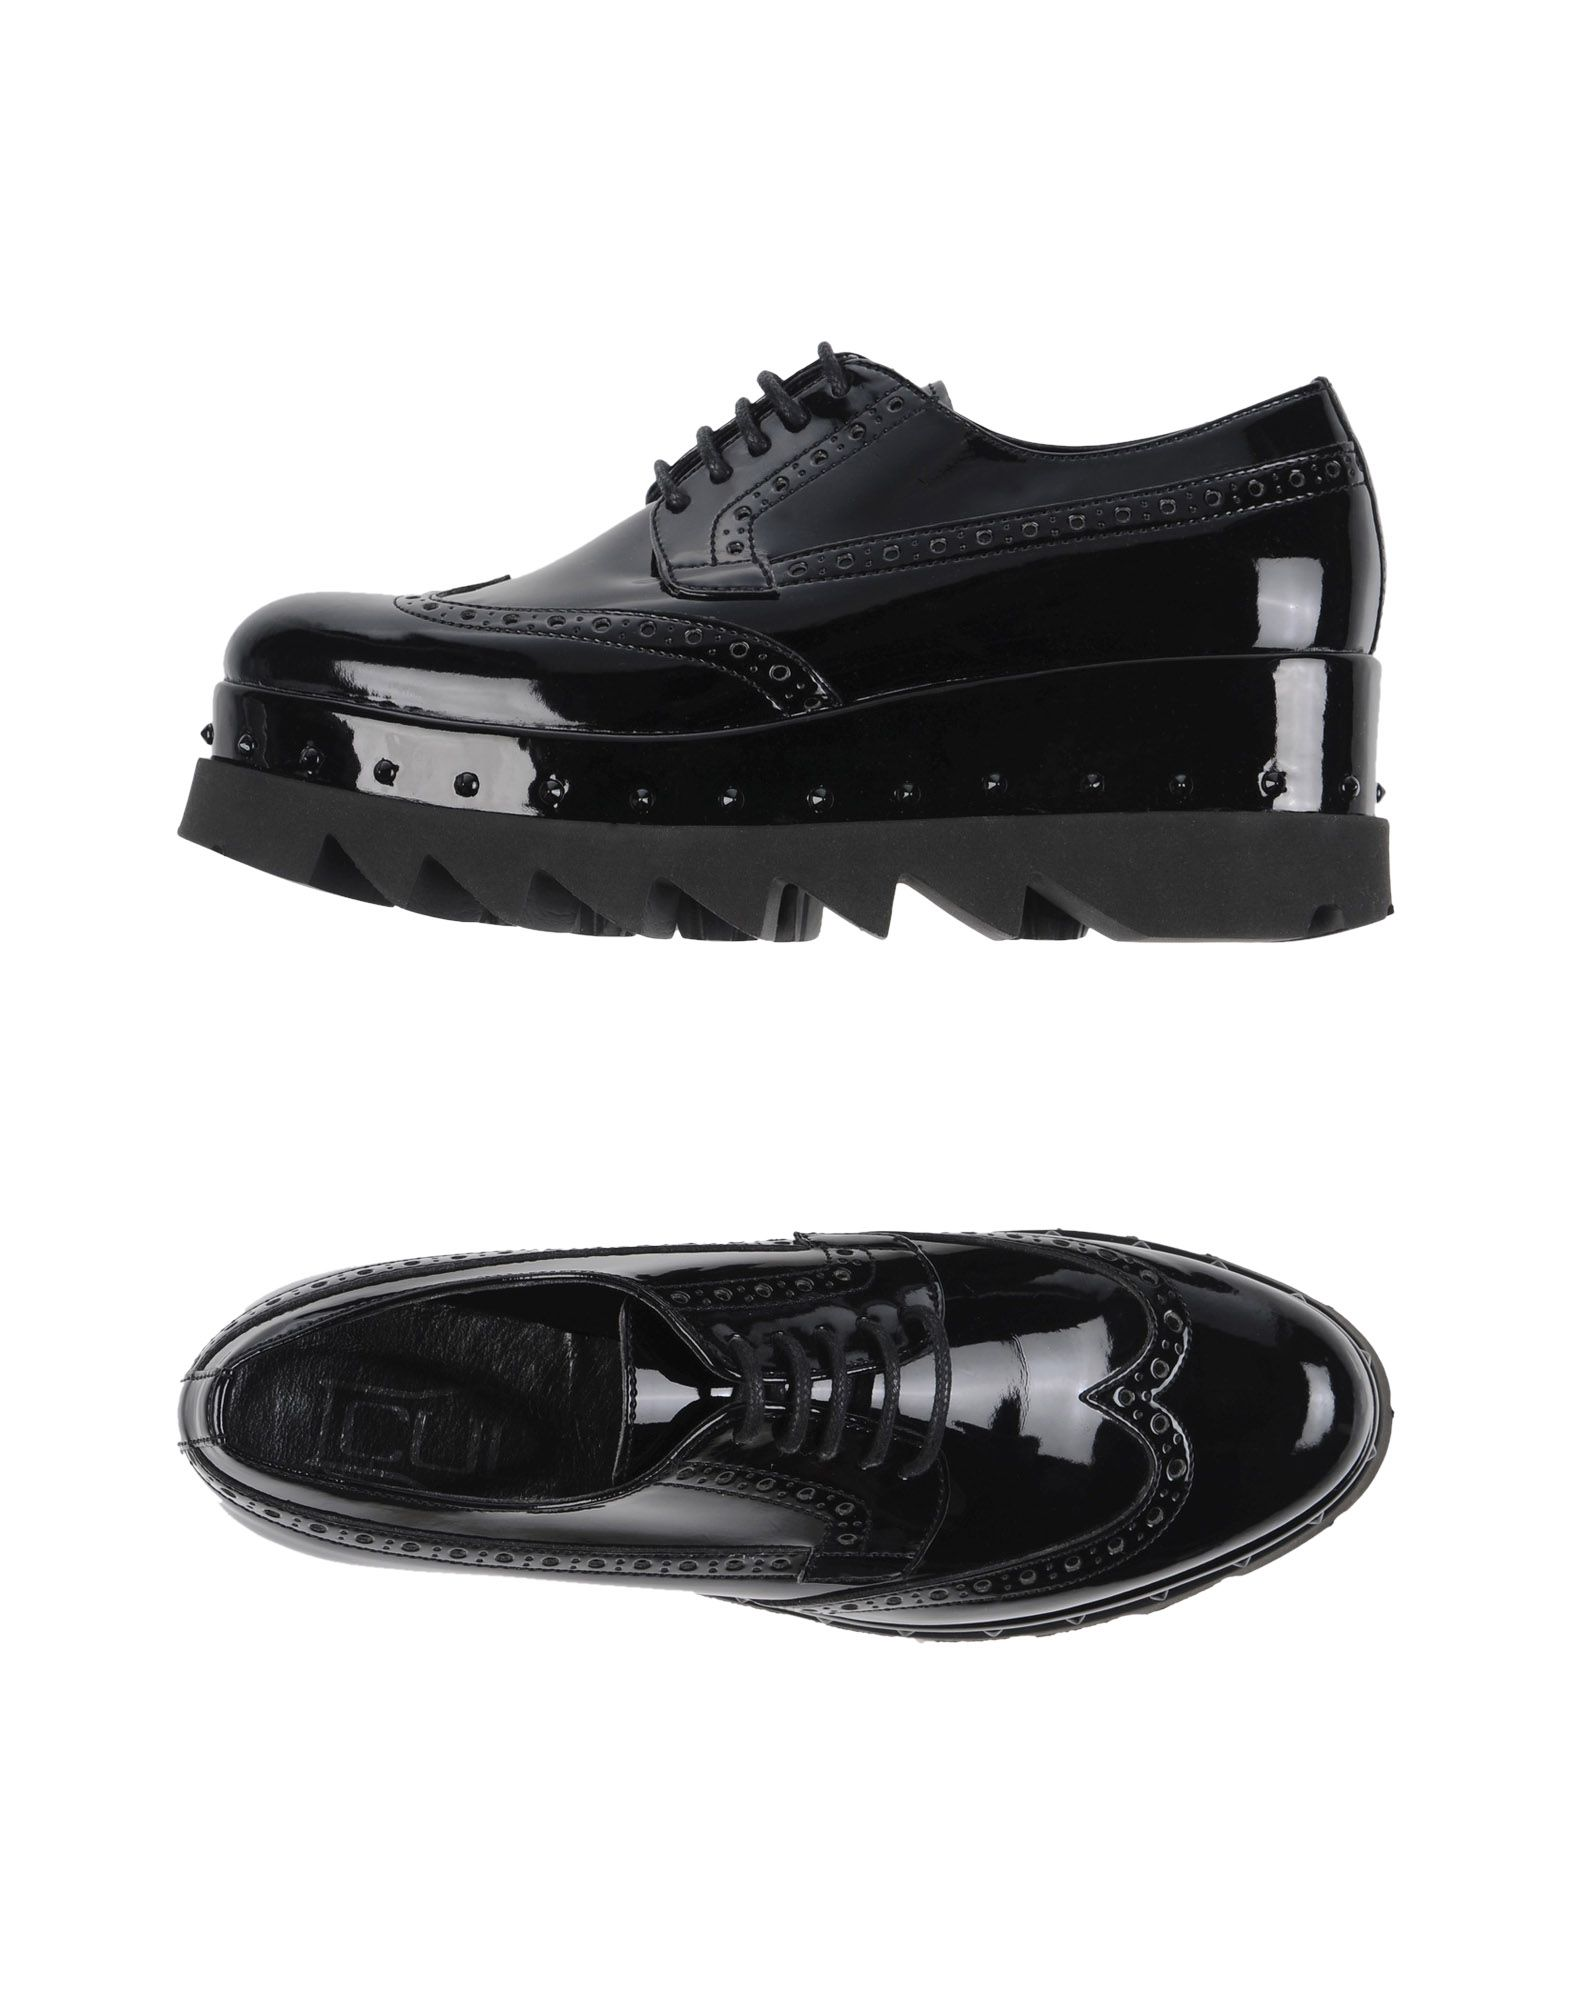 Cult Schnürschuhe Damen  11202417HS Gute Qualität beliebte Schuhe